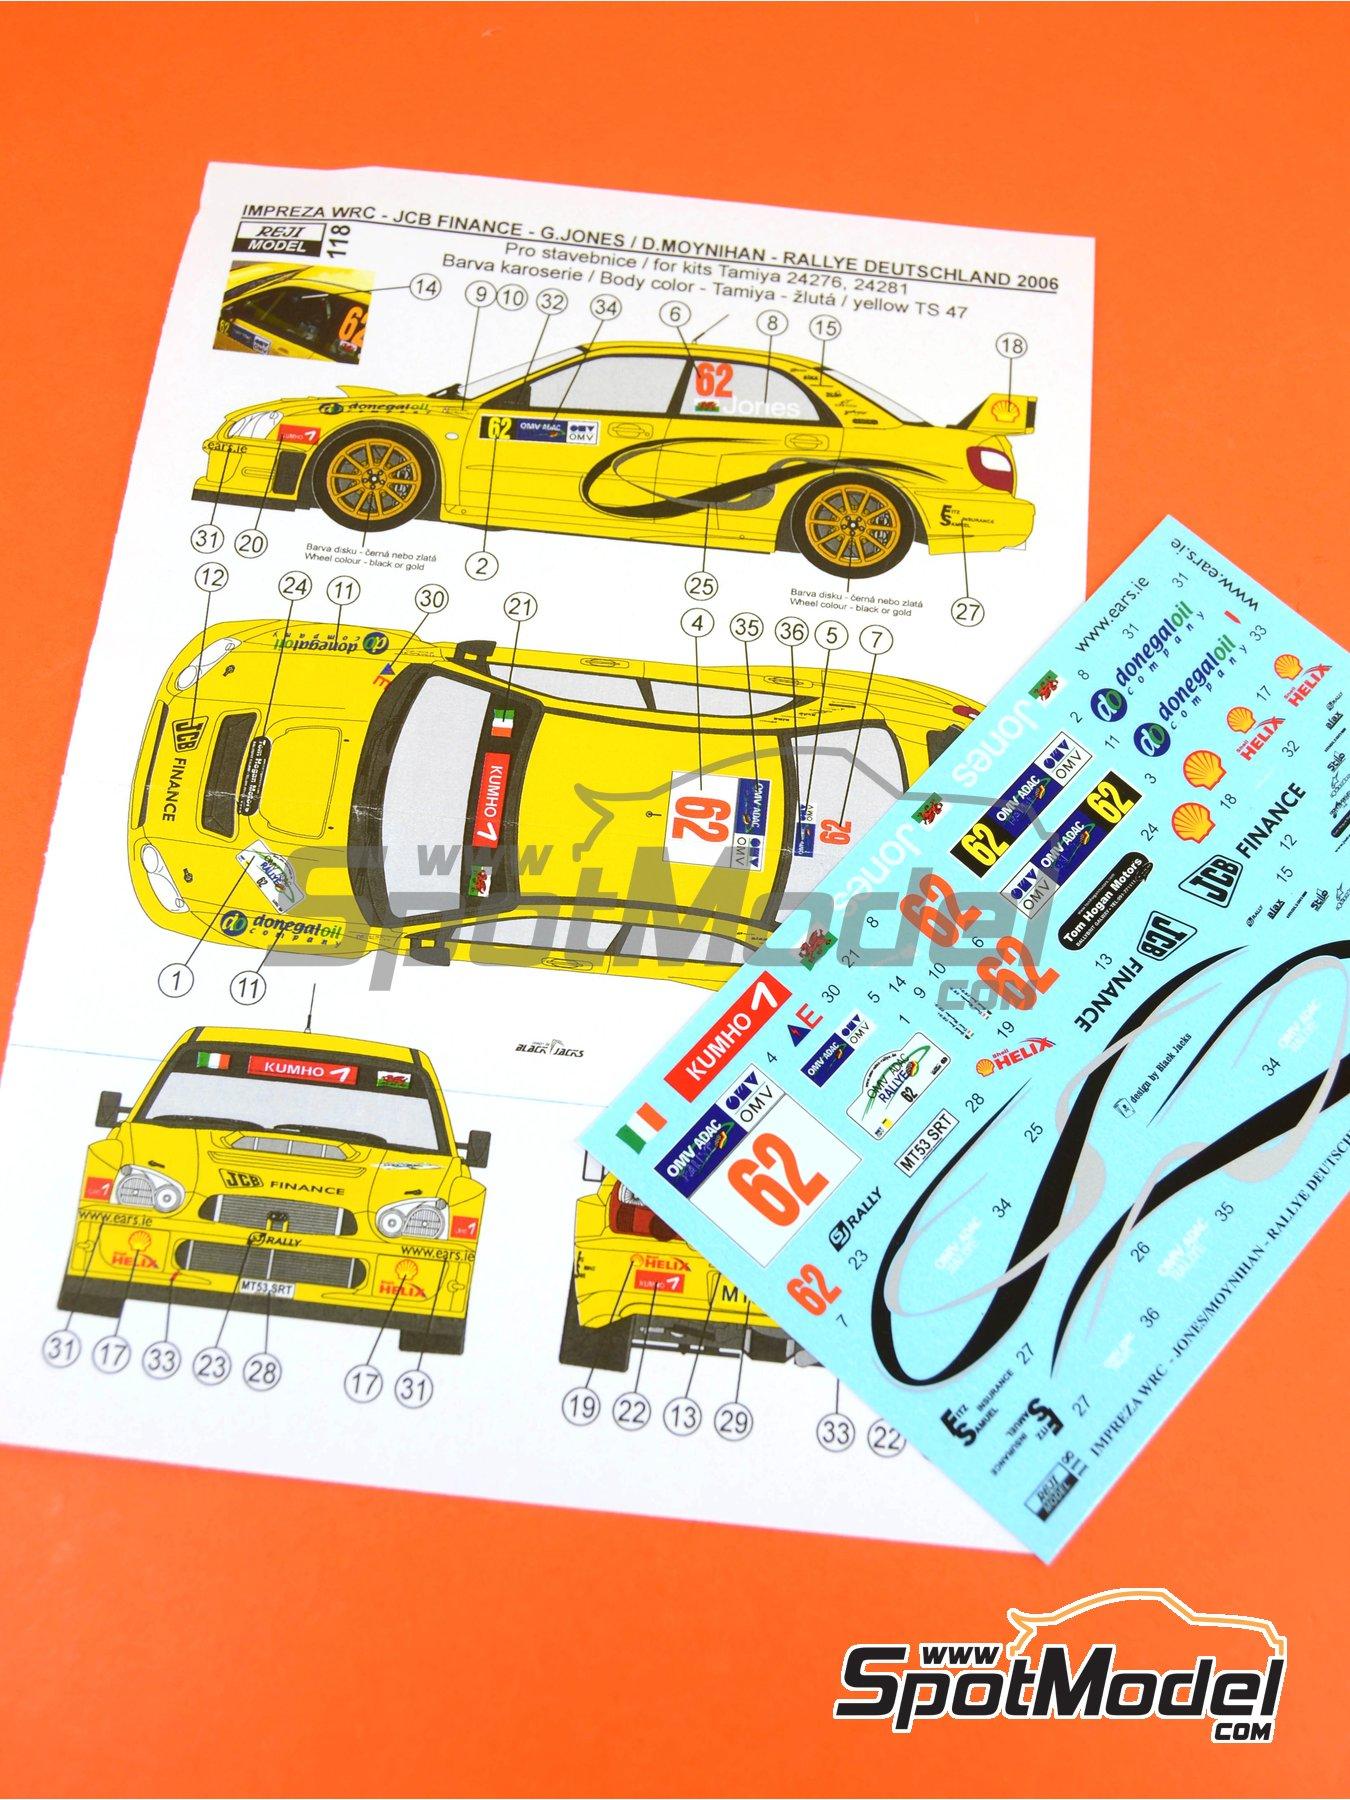 Subaru Impreza WRC JCB Finance - Rally de Alemania ADAC 2006 | Decoración en escala1/24 fabricado por Reji Model (ref.REJI-118) image